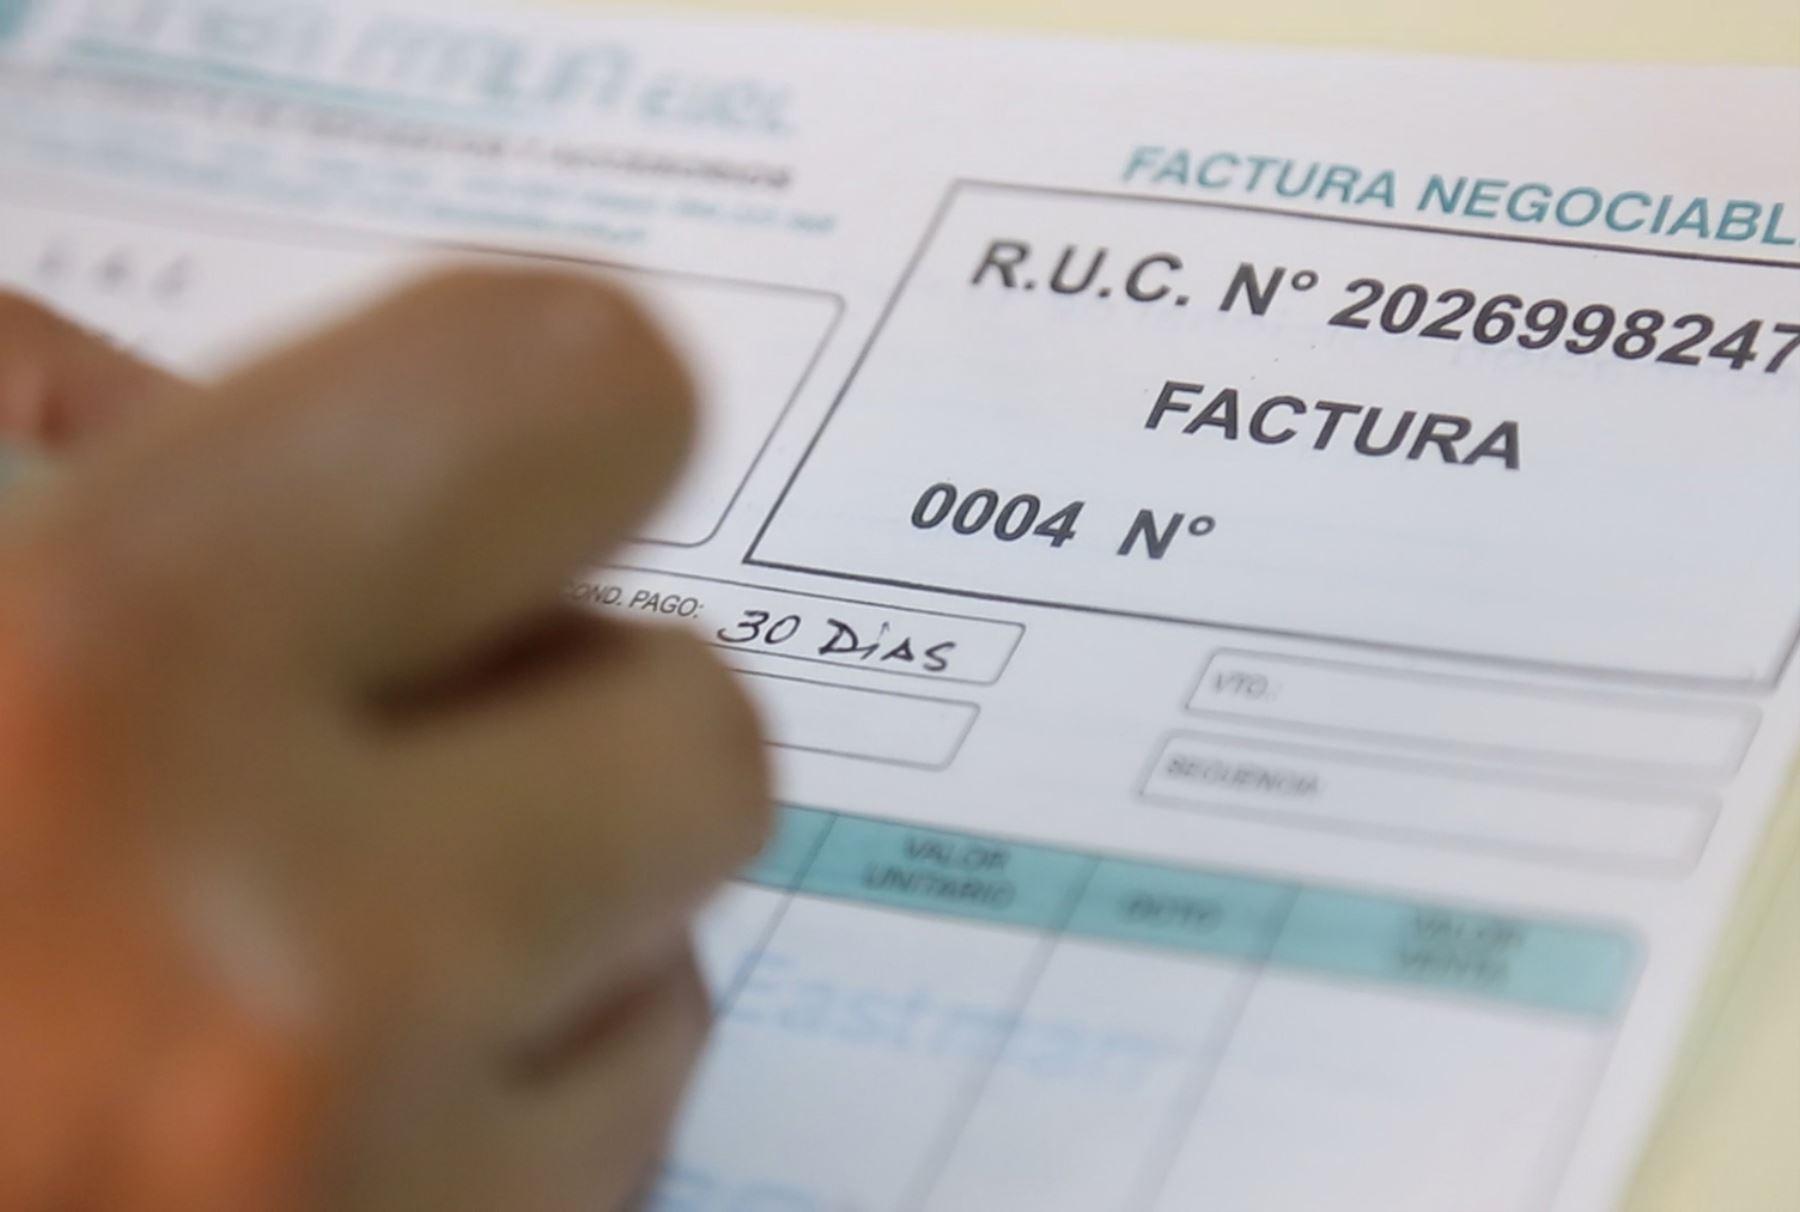 produce-operaciones-de-factoring-superaron-los-s-7913-millones-beneficiando-a-9054-empresas